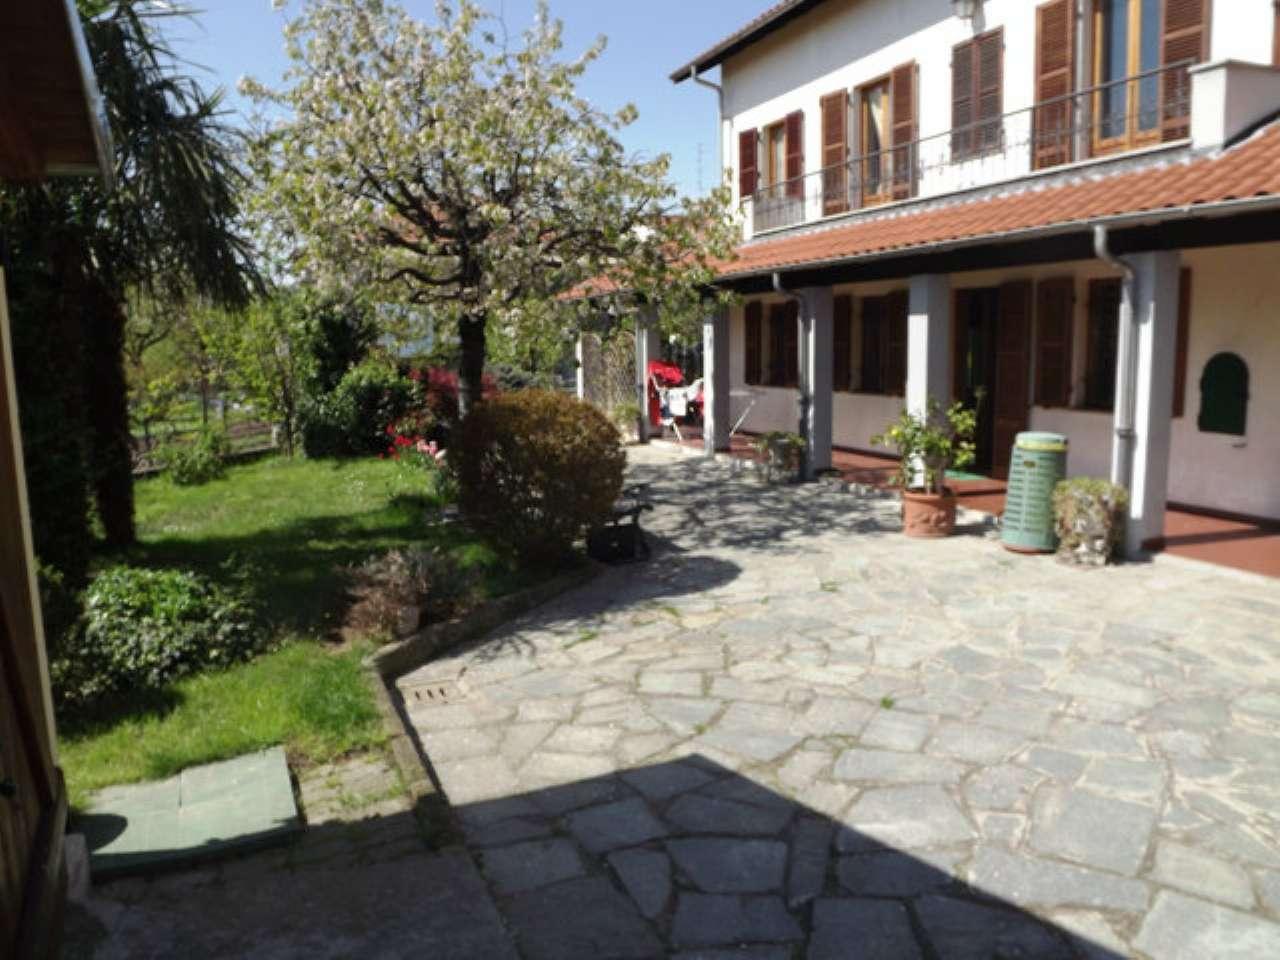 Villa in vendita a Moncalieri, 6 locali, prezzo € 449.000 | CambioCasa.it